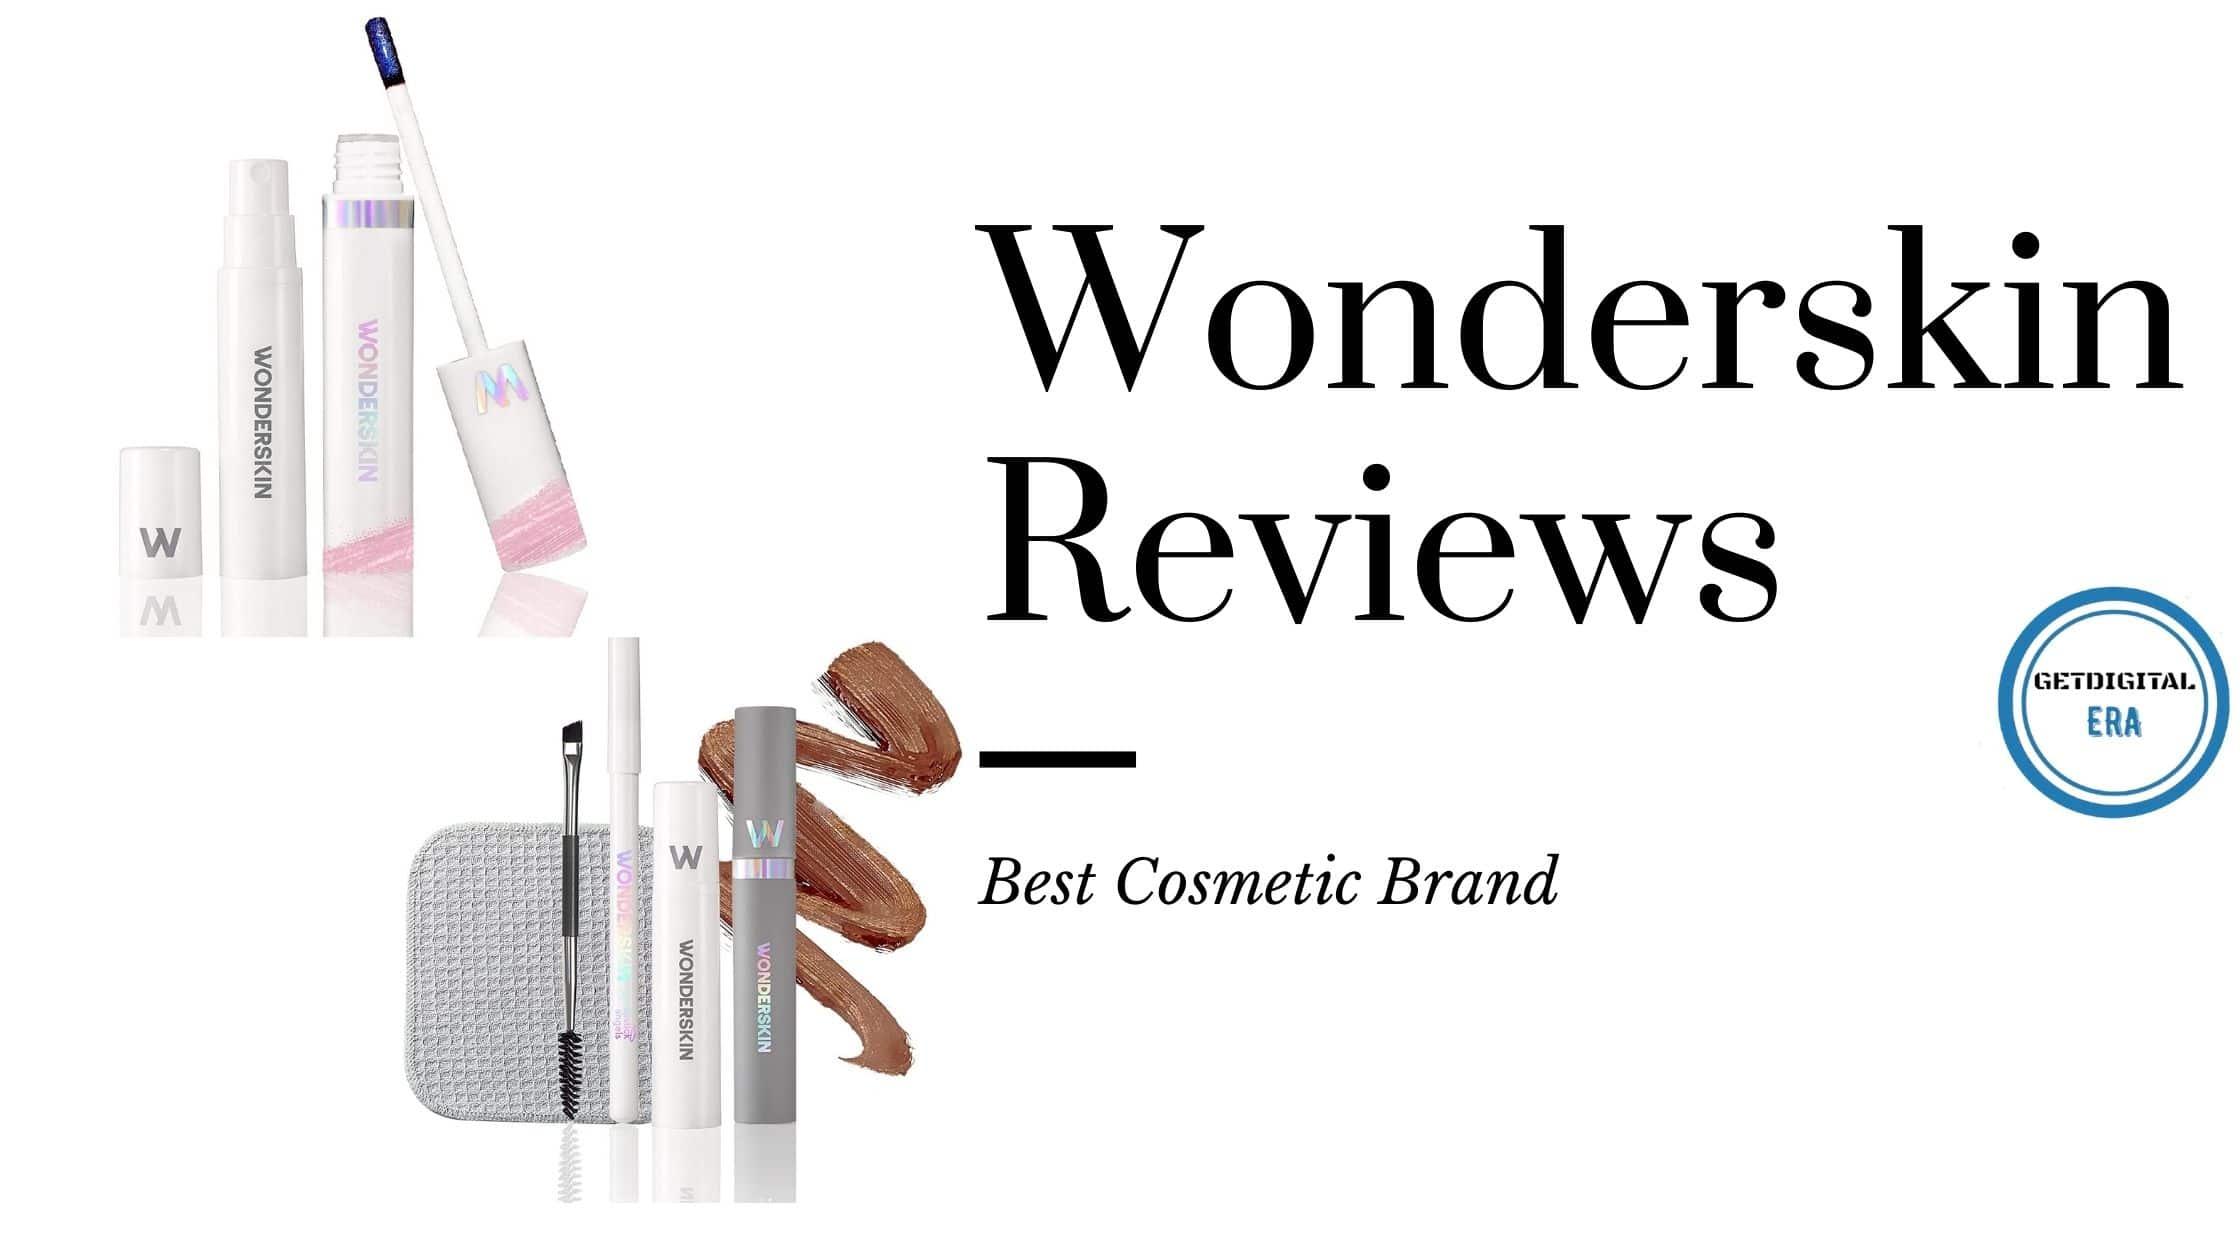 Wonderskin Reviews